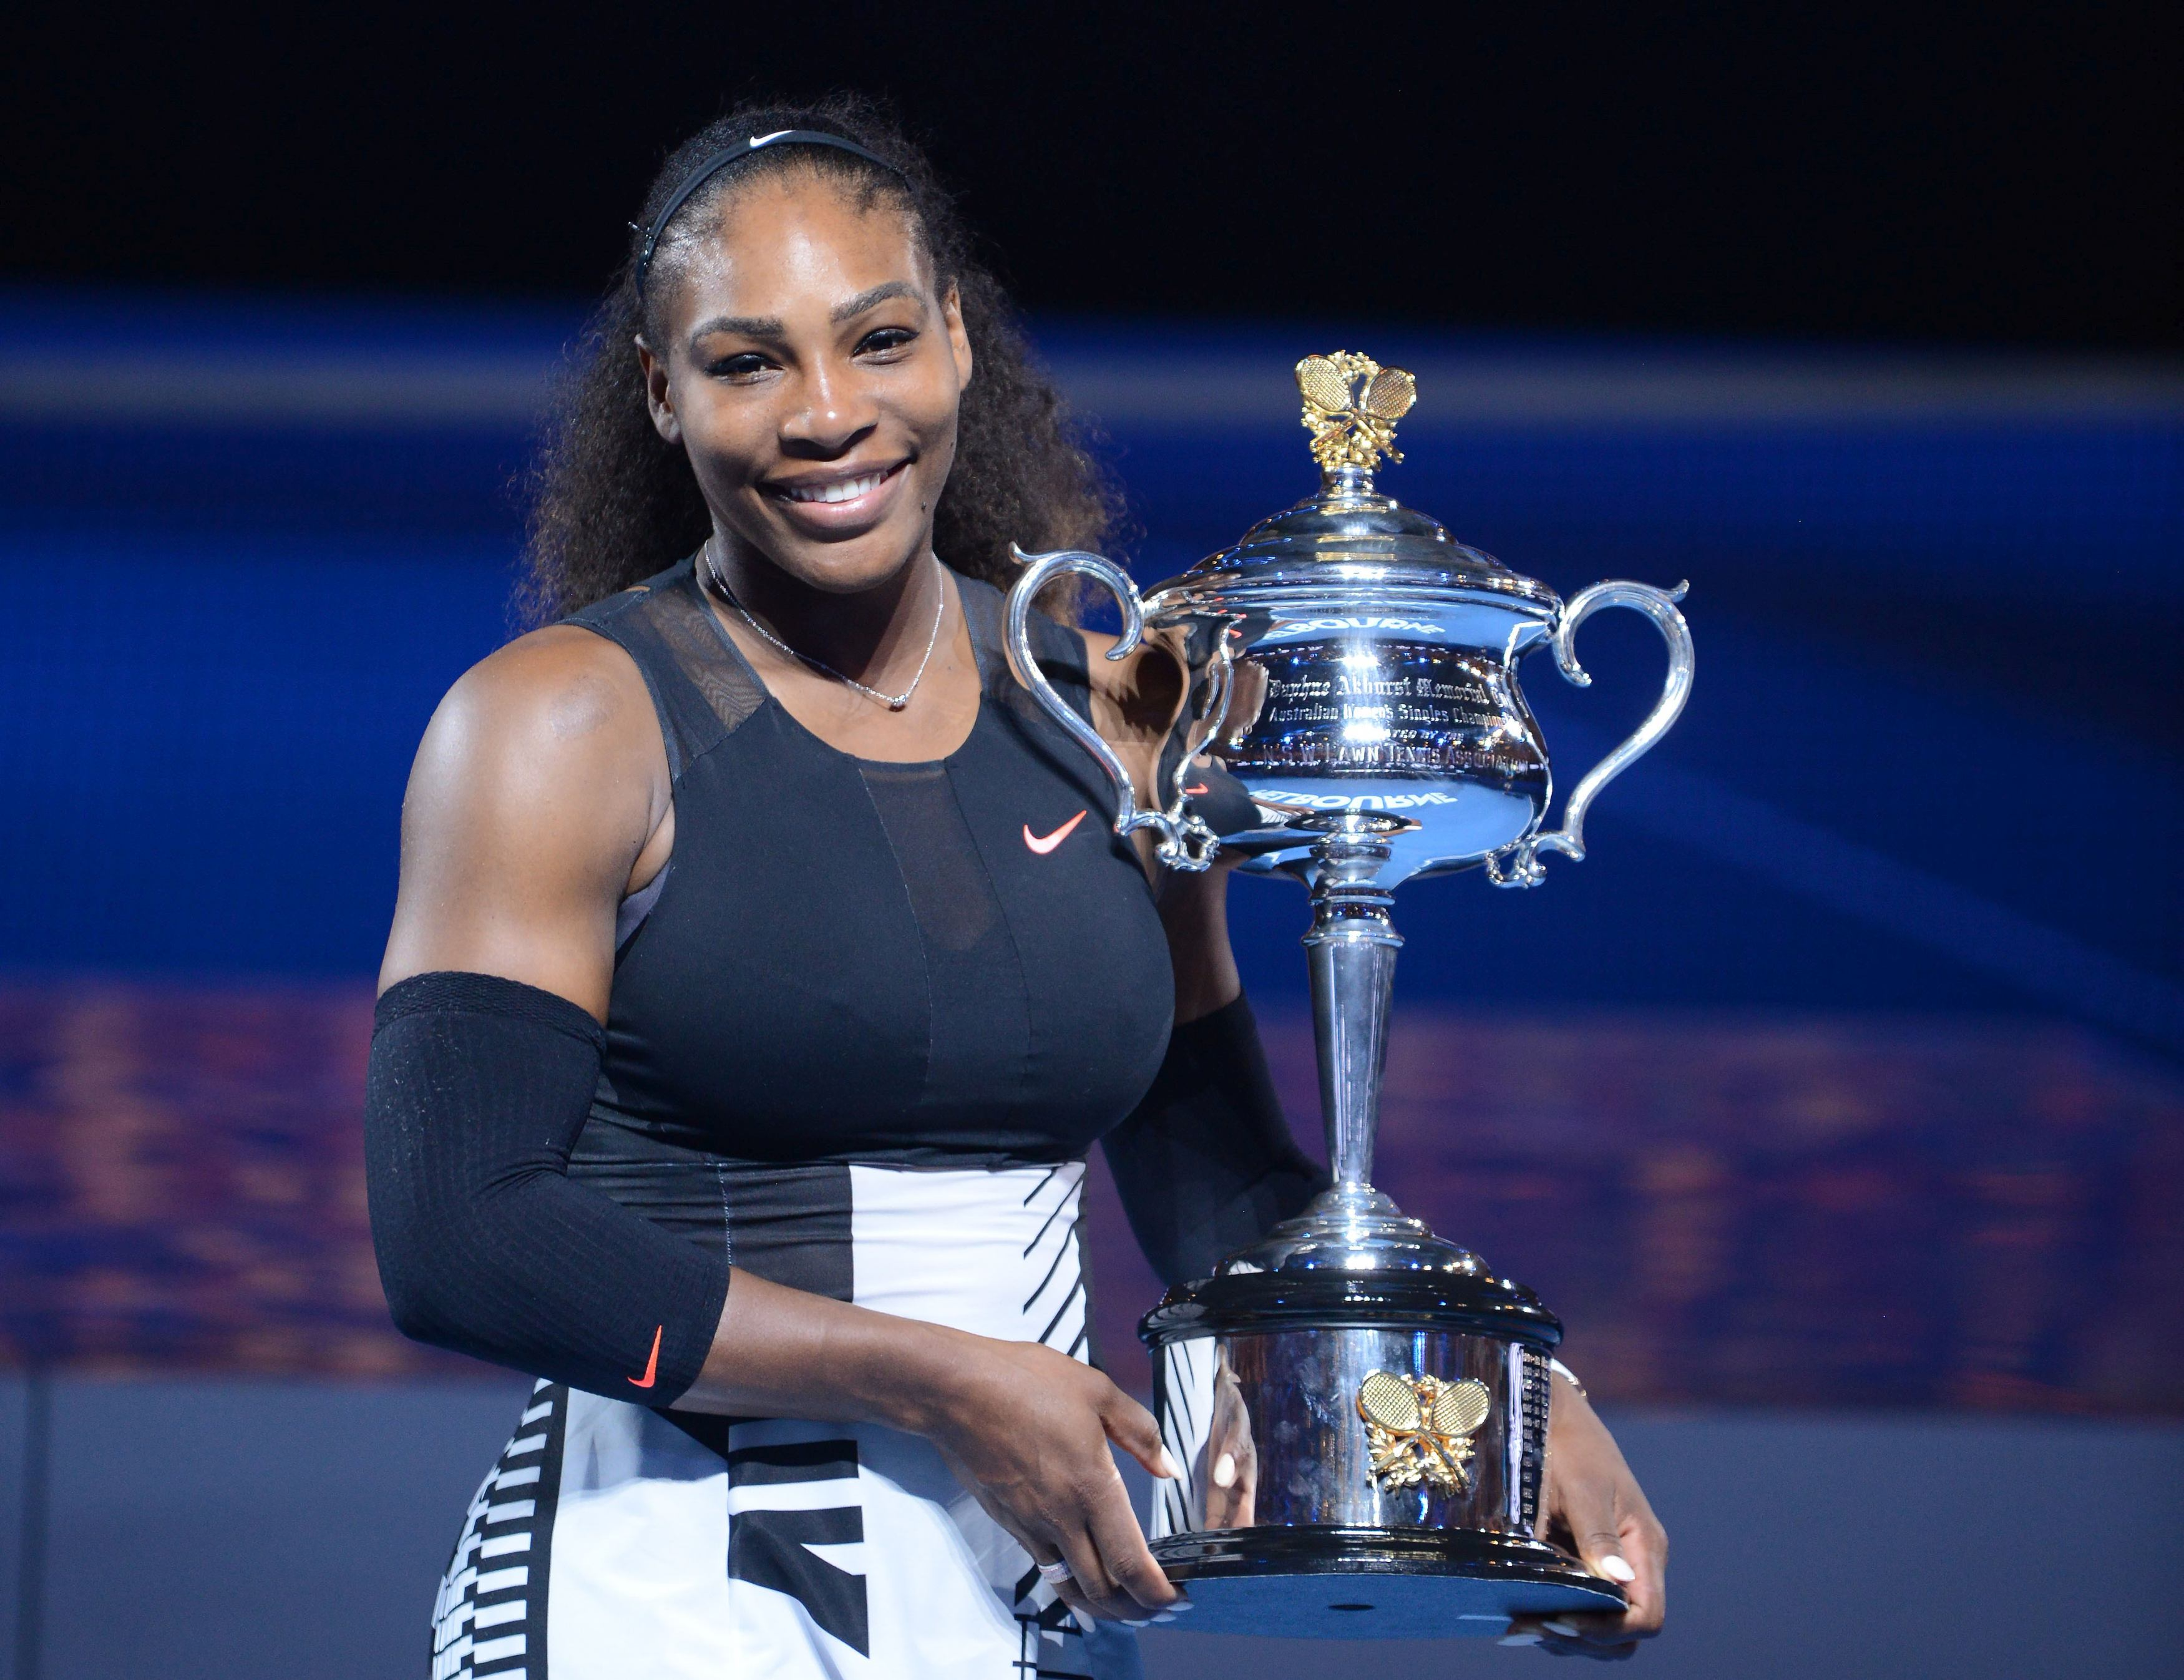 Australian Open este ultimul turneu câștigat de Serena Williams. Se întâmpla la sfârșitul lunii ianuarie. (FOTO: HEPTA)